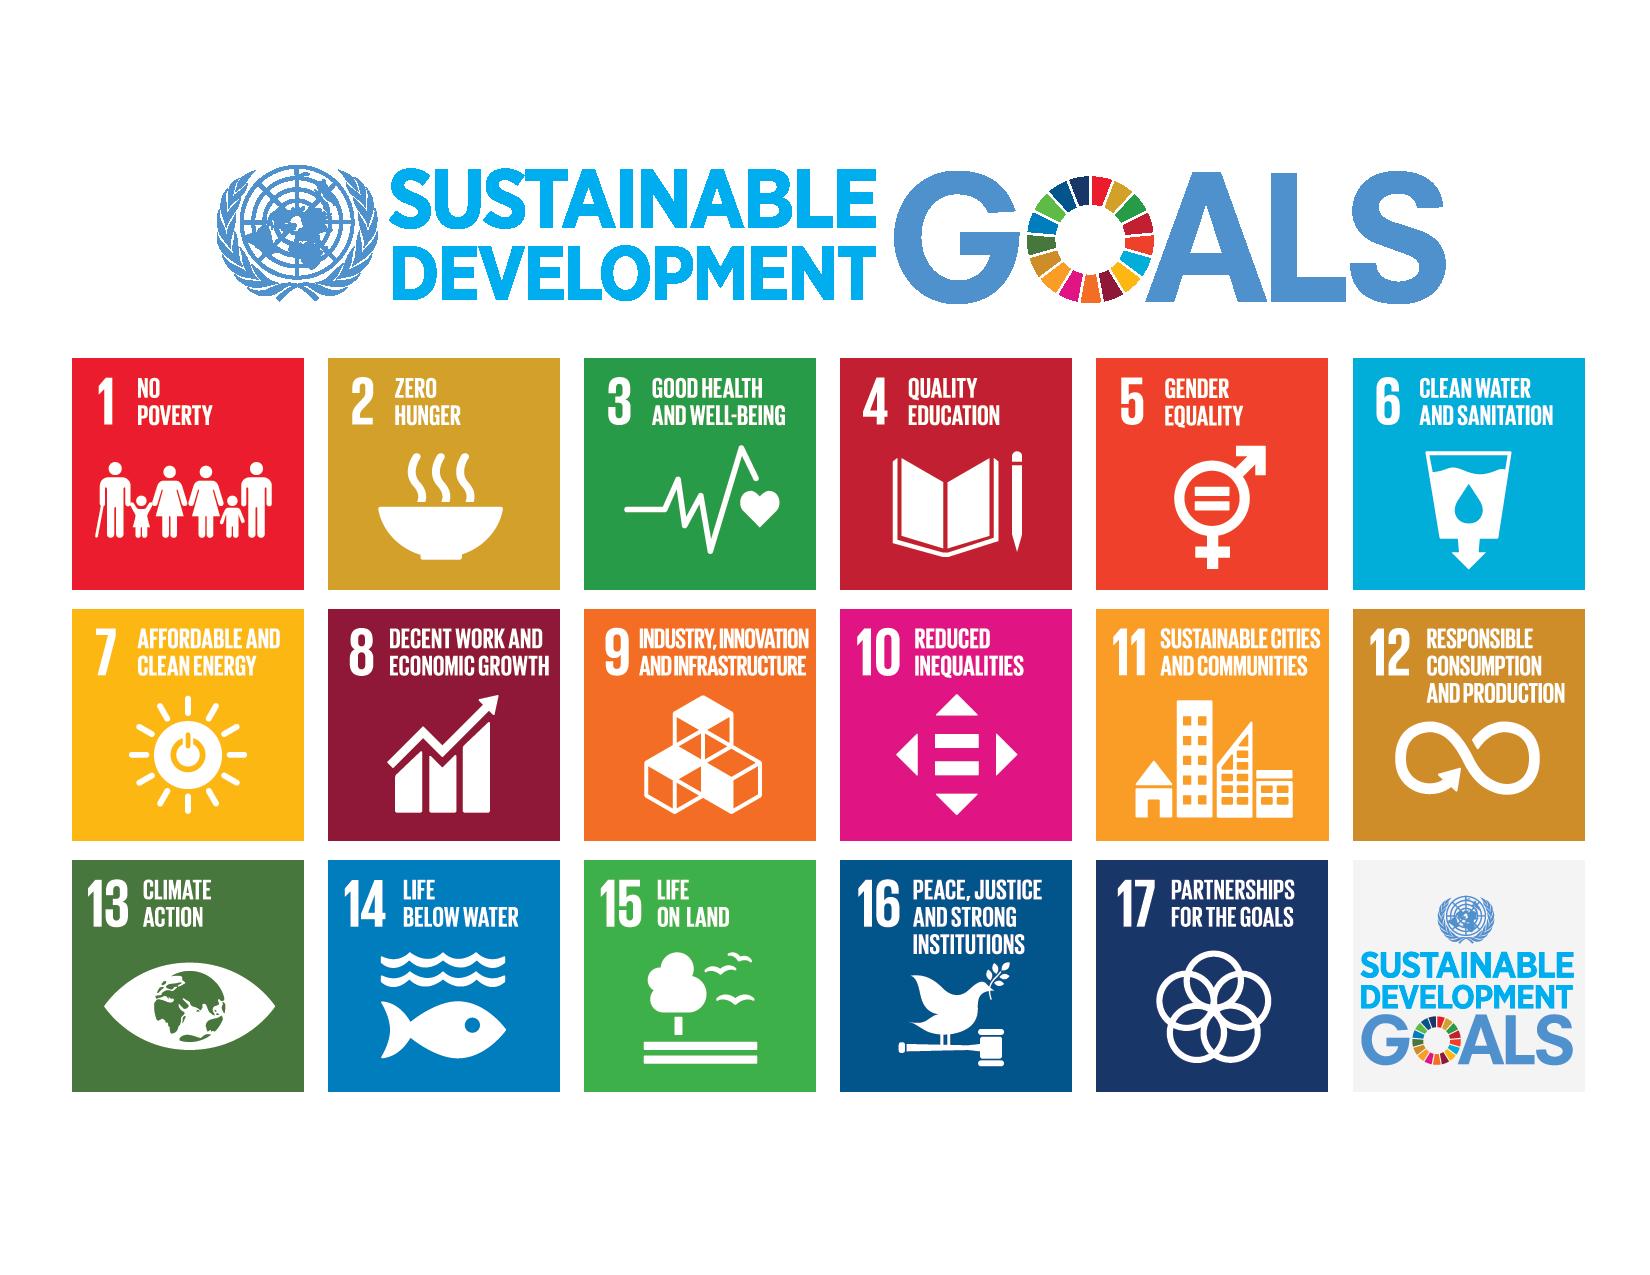 Oproep: Ervaringen uitwisselen over koppeling met SDG's